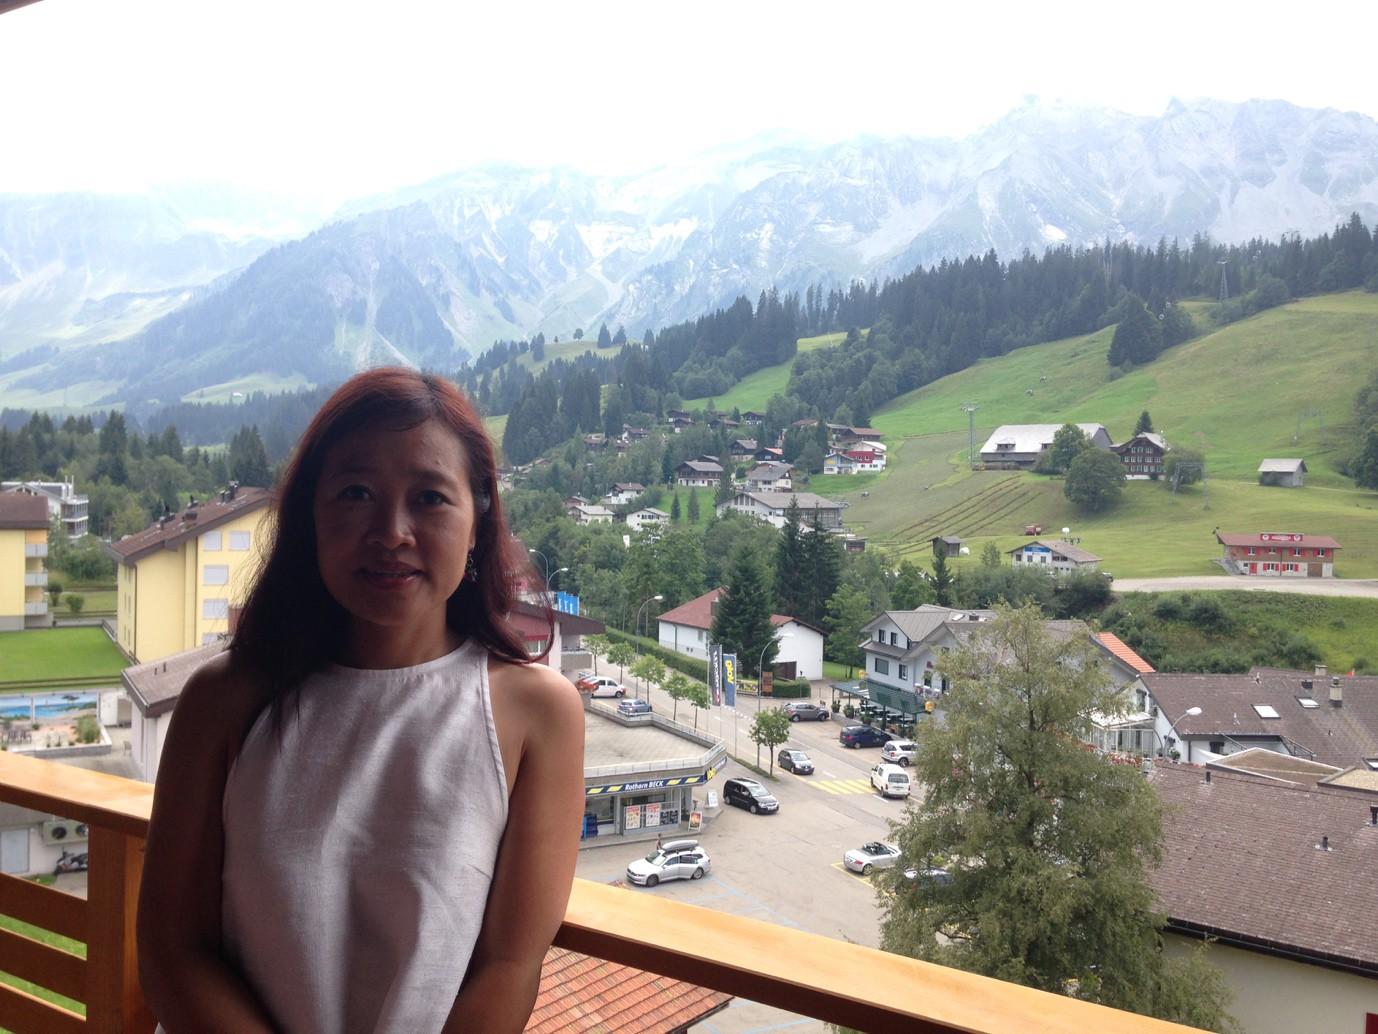 Du học Thụy Sỹ tại trường HTMI với lộ trình tiết kiệm hơn nữa - Ảnh 3.